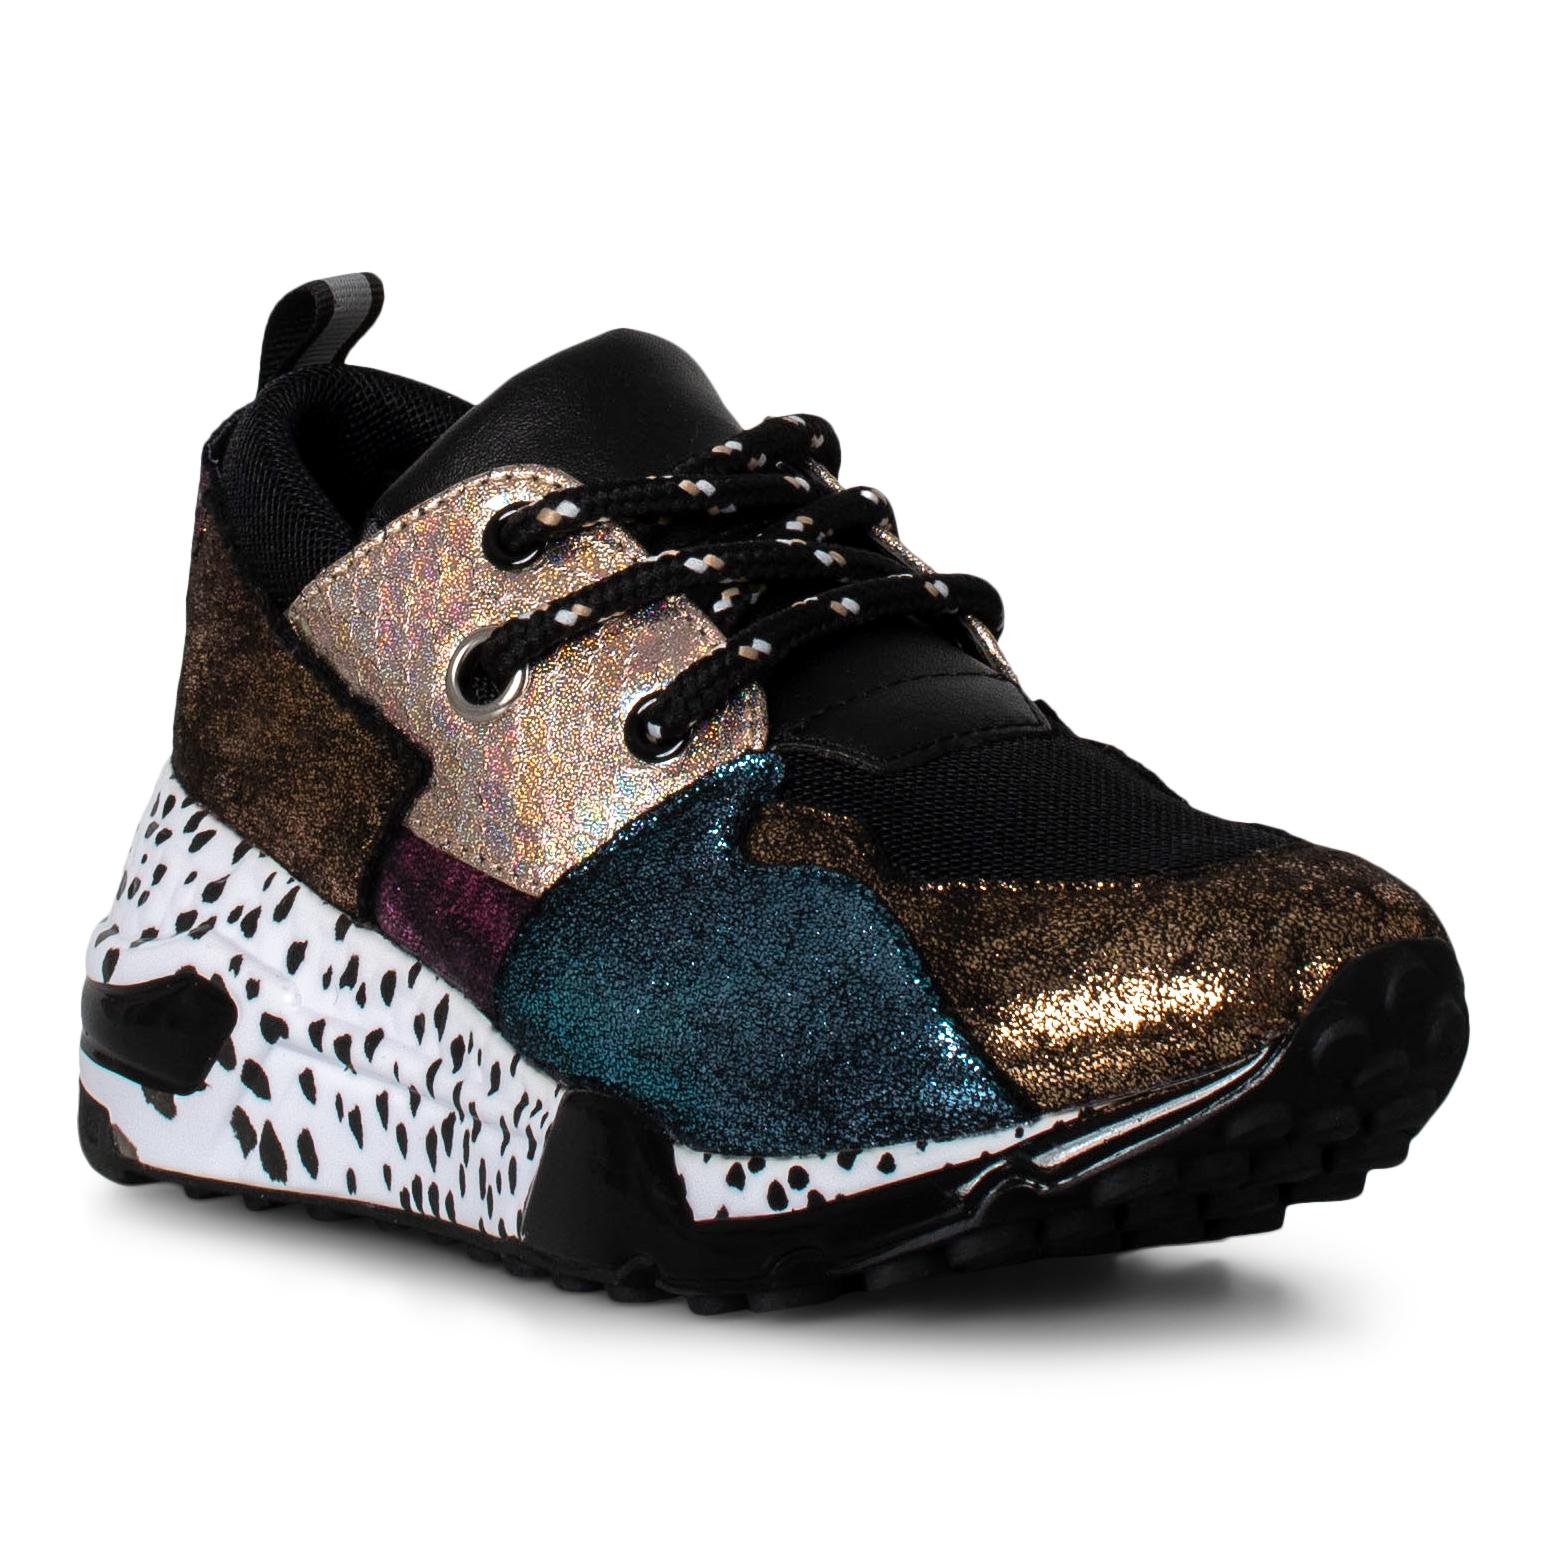 Steve Madden JCliff sneakers